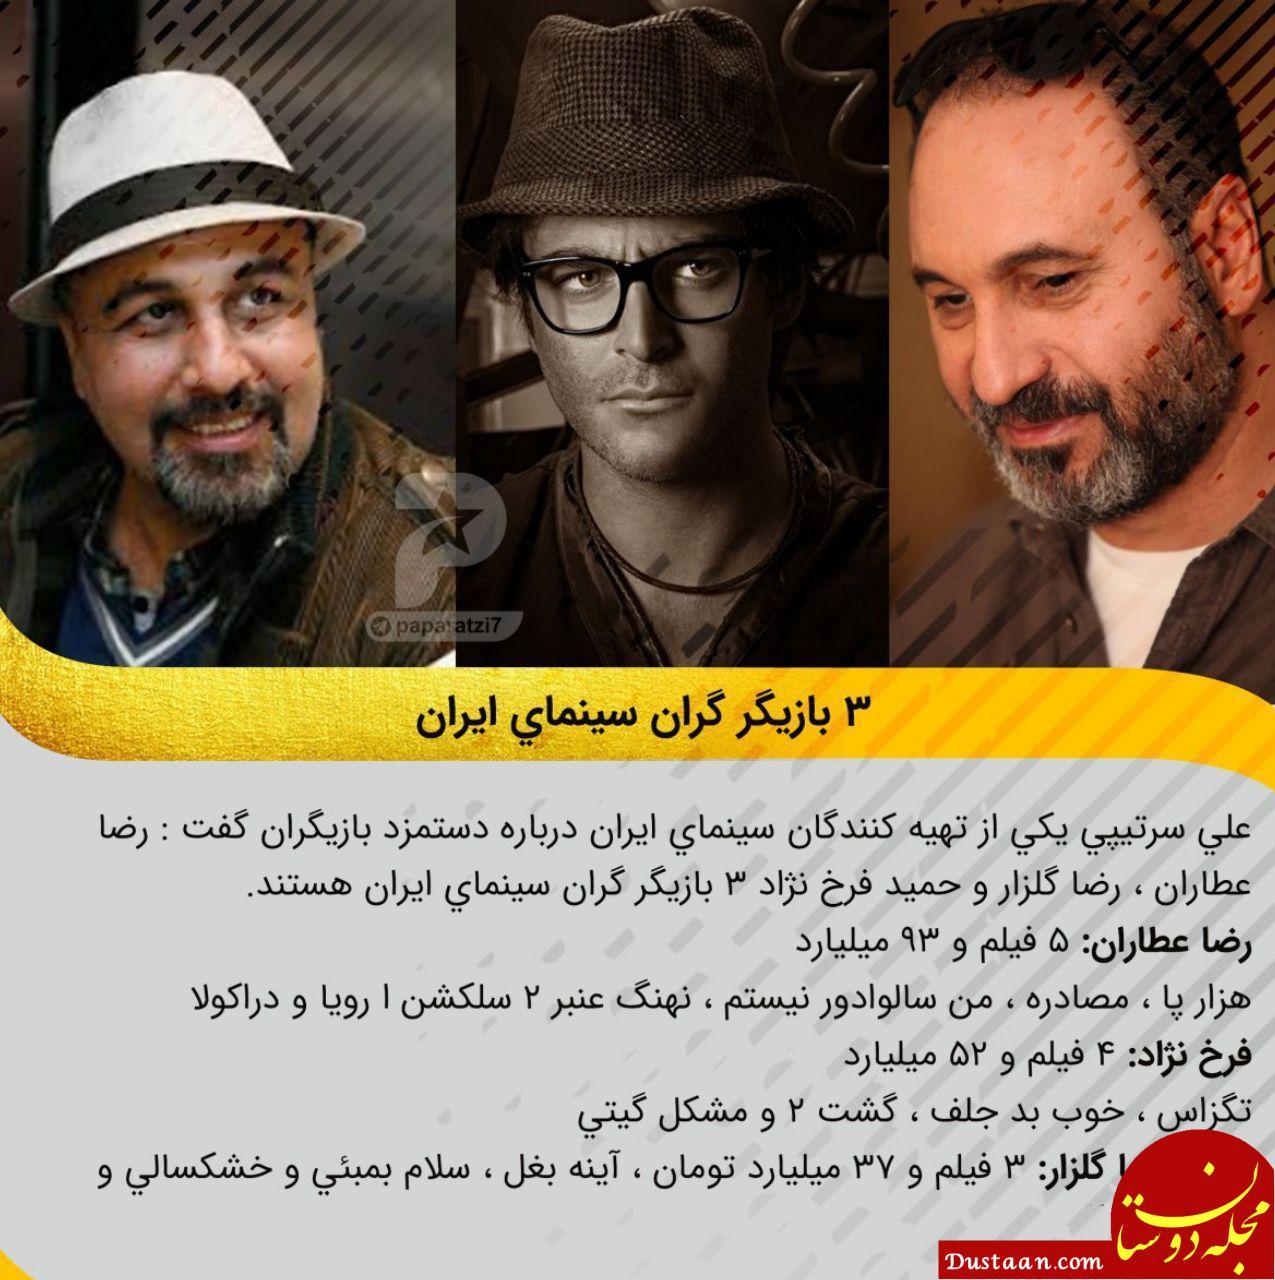 سه بازیگر گران قیمت سینمای ایران ! +عکس